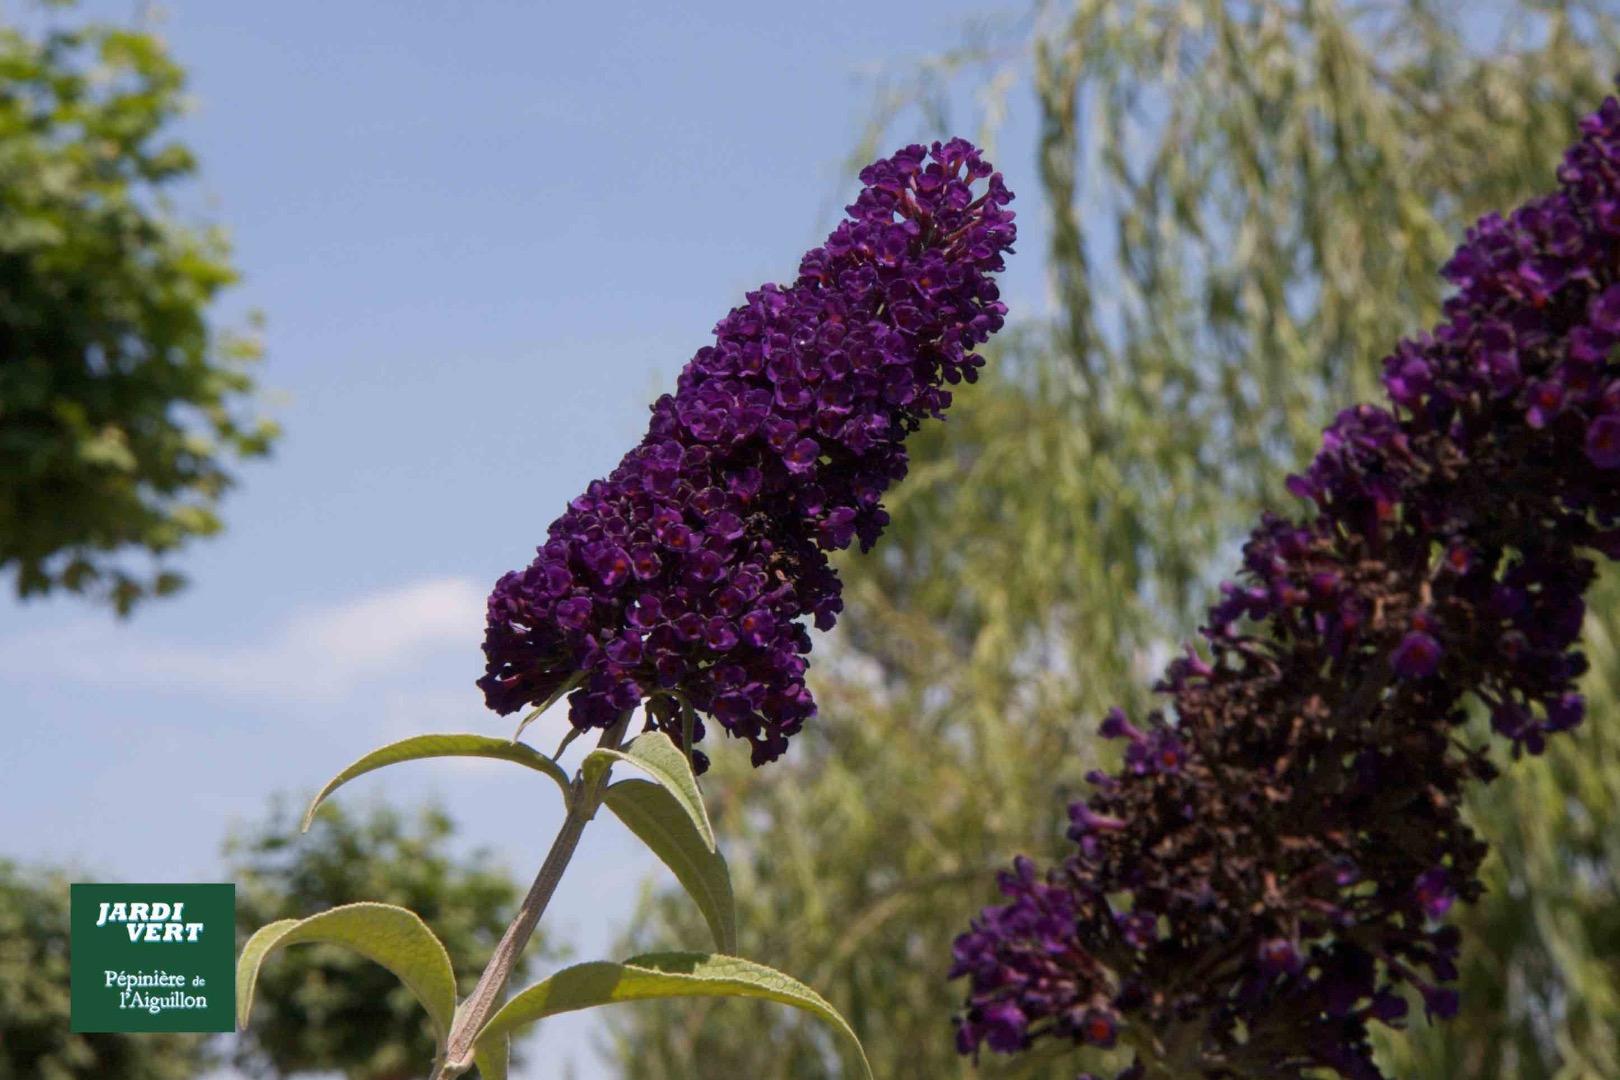 Arbre à papillons ou buddleia - Pépinière de l'Aiguillon Jardi Vert Toulouse